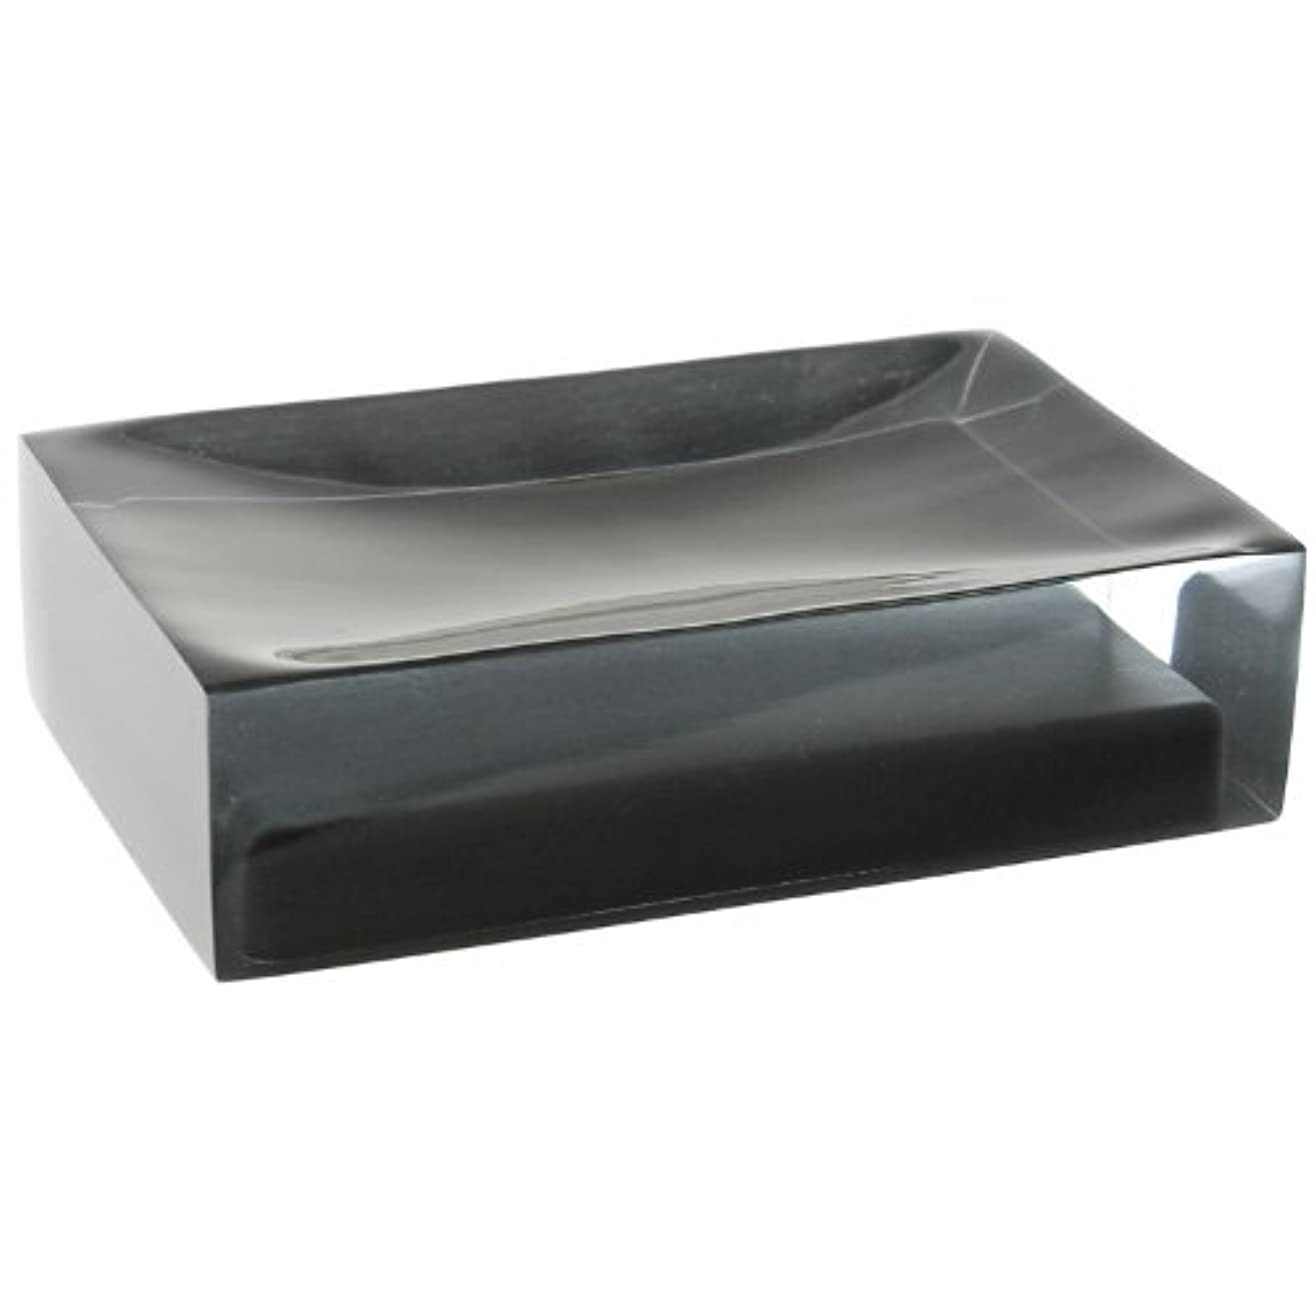 と闘うしおれたガチョウ(Black) - Gedy Gedy RA11-14 Rainbow Soap Holder, 0.8cm L x 11cm W, Black